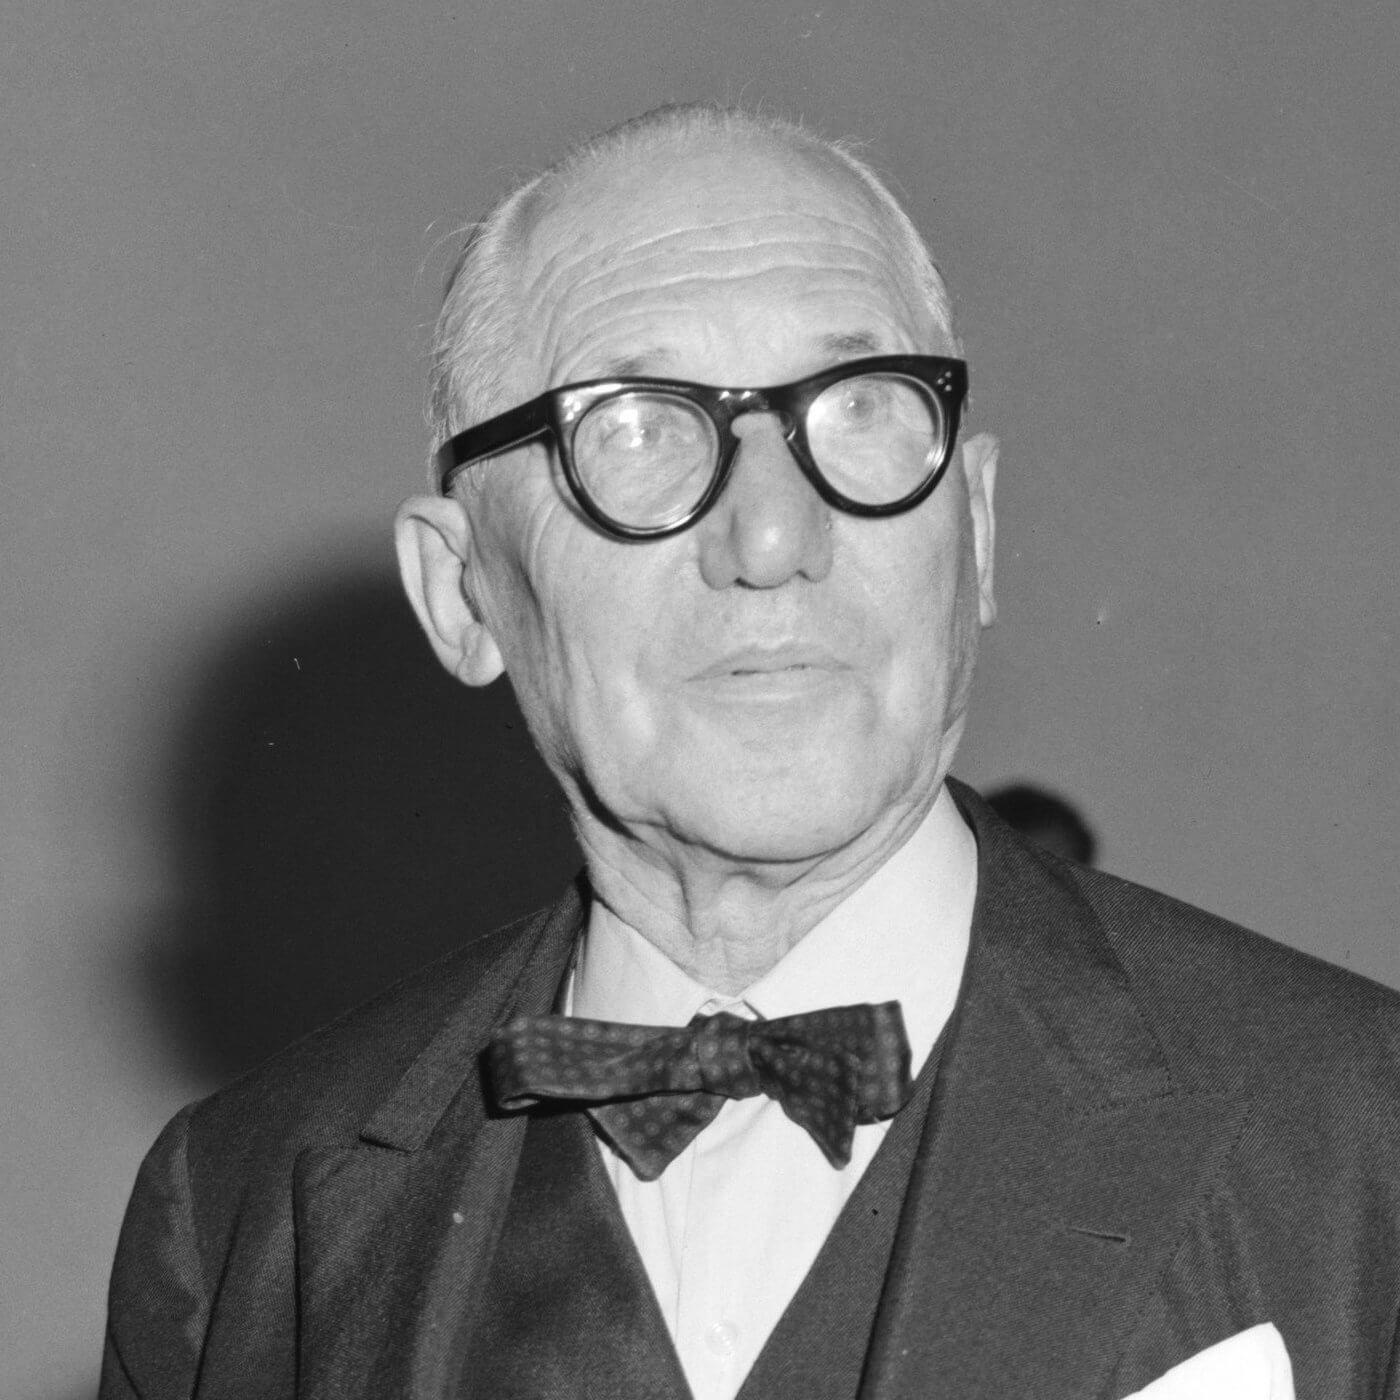 Mesa LC6 de Le Corbusier y su diseño de vanguardia